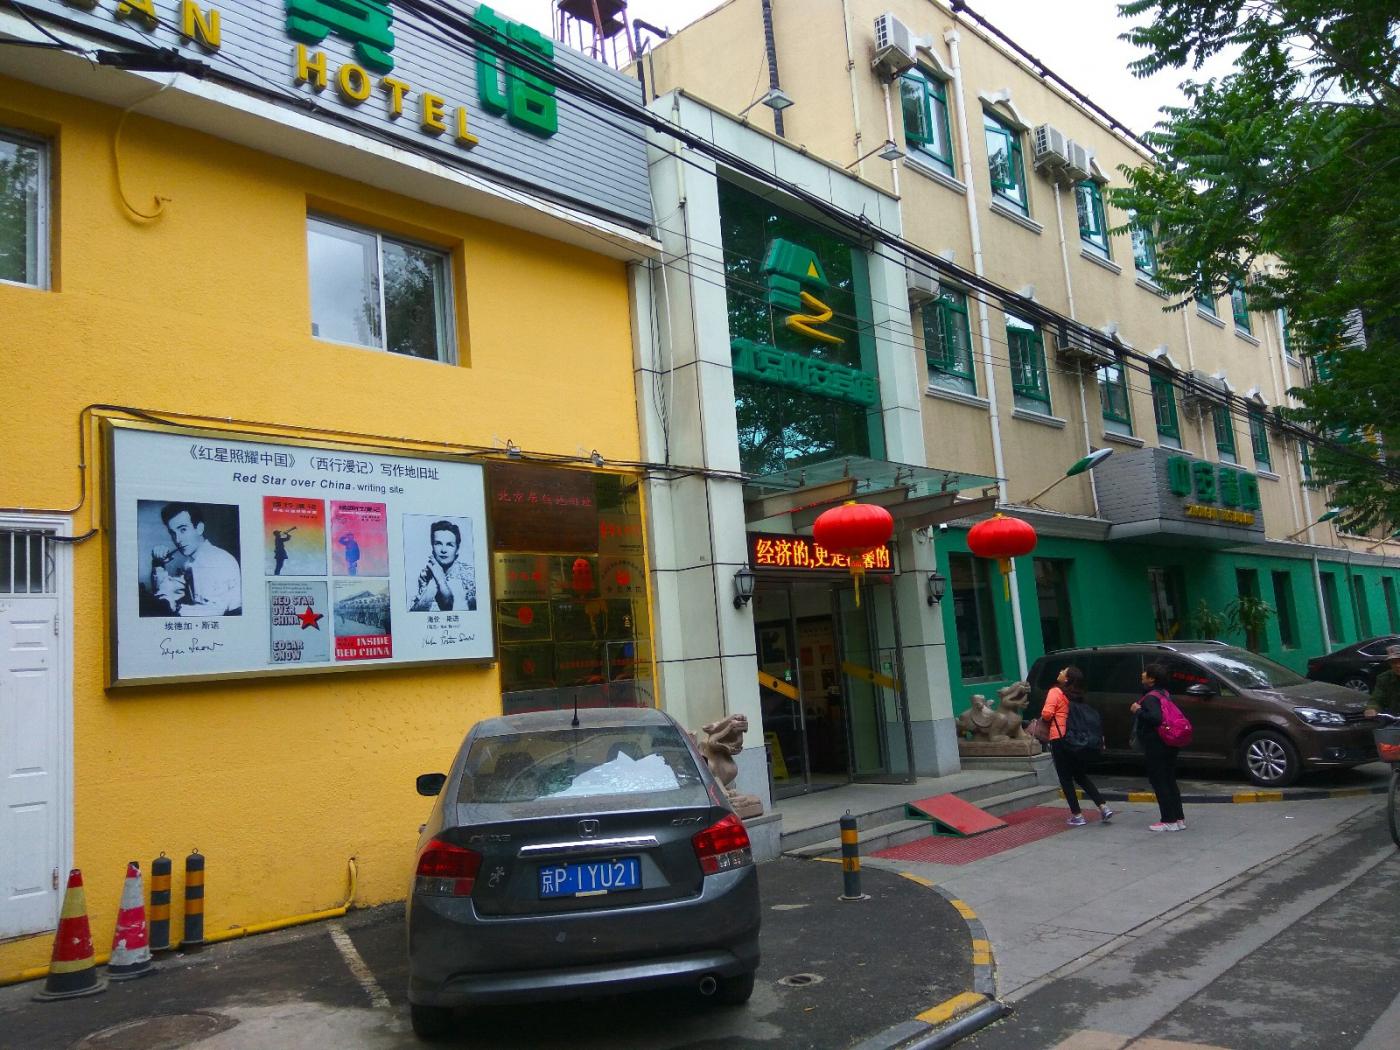 埃德加·斯诺北京居住地旧址(图)_图1-18